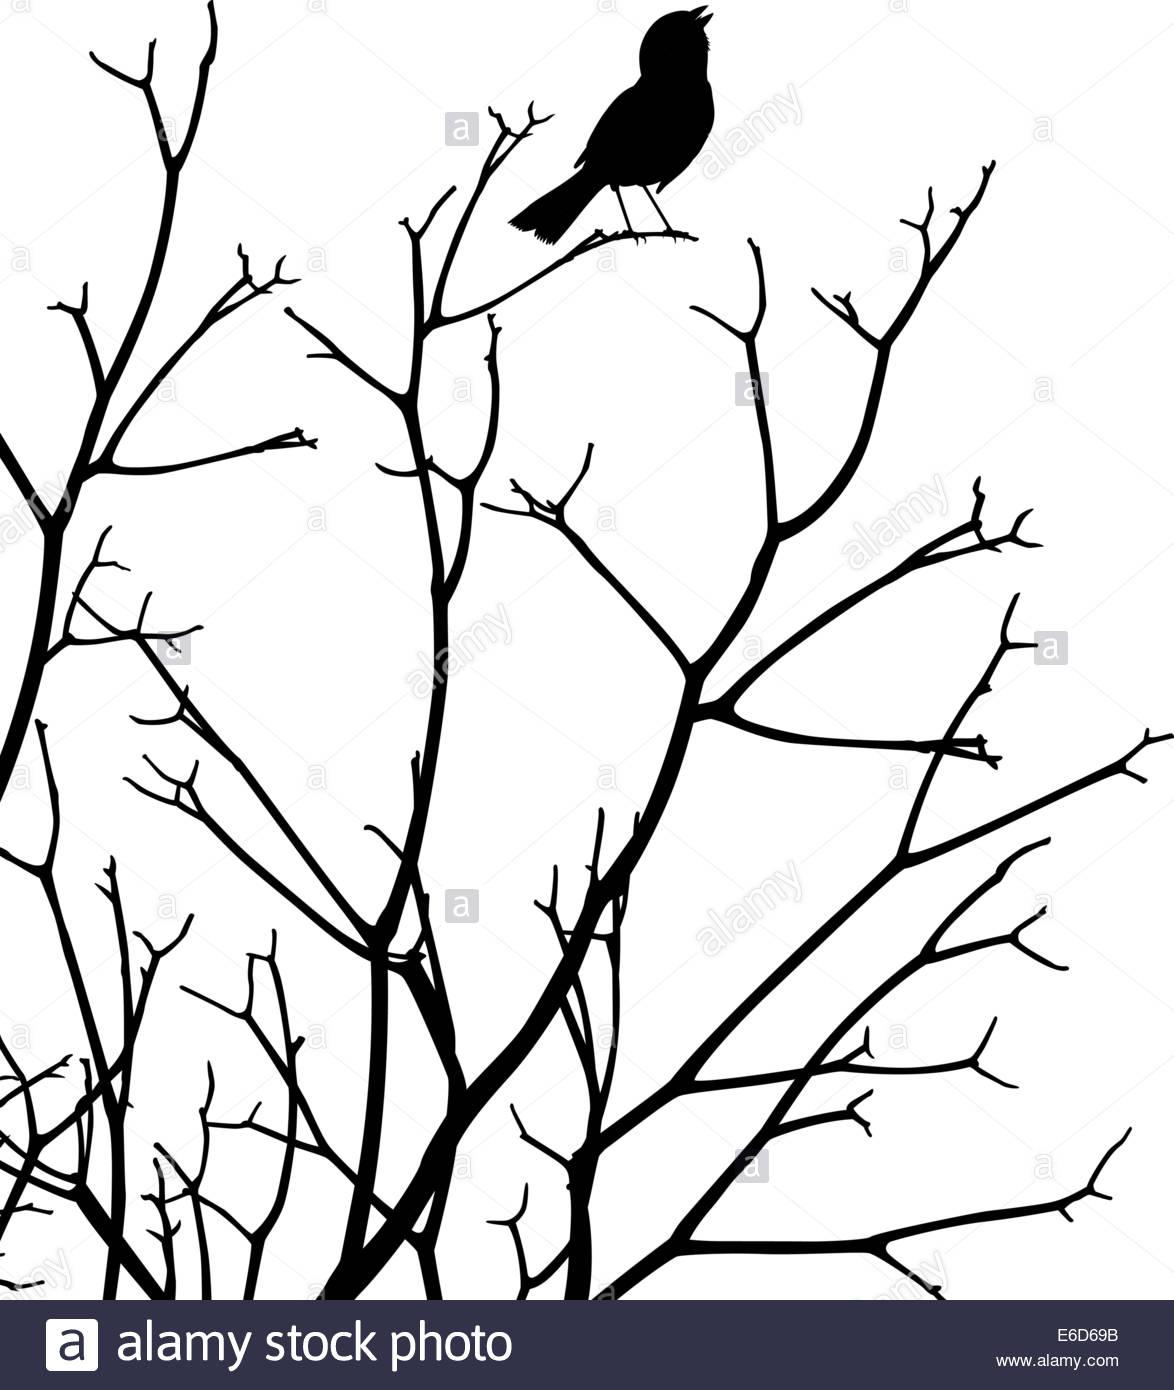 1174x1390 Bird Silhouette Vector Art